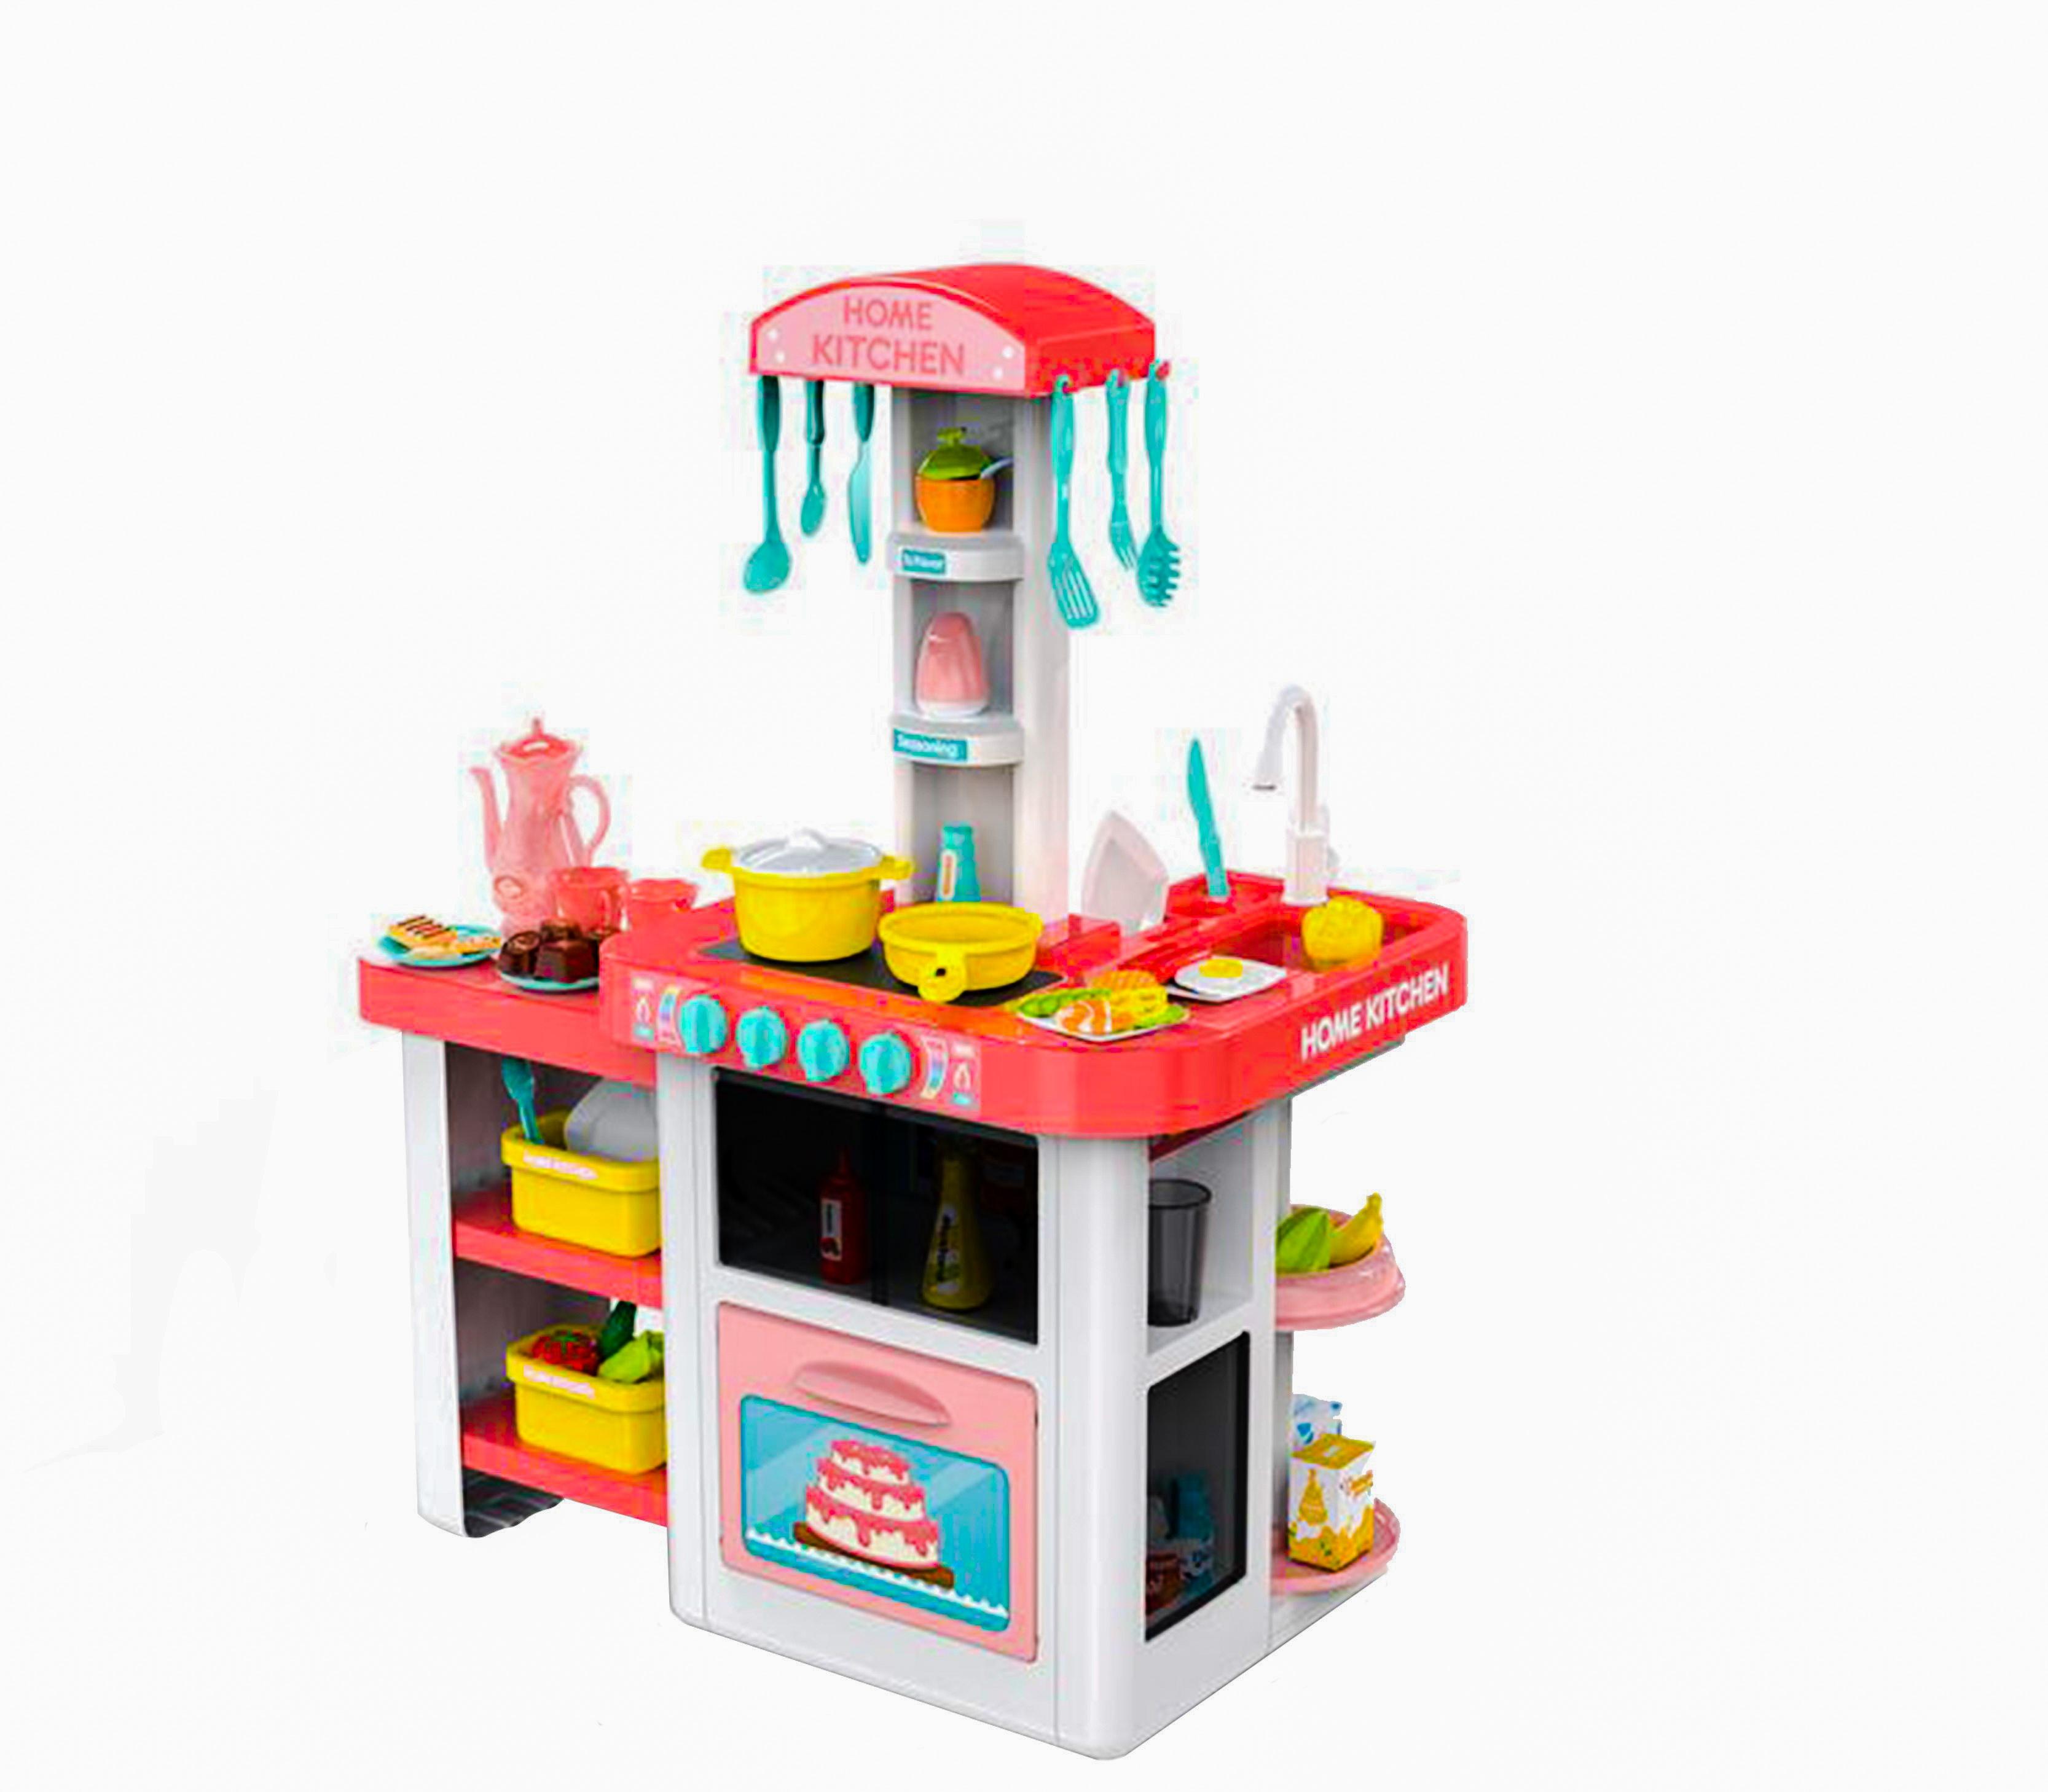 Aga4Kids Plastová kuchynka HOME KITCHEN HM824932